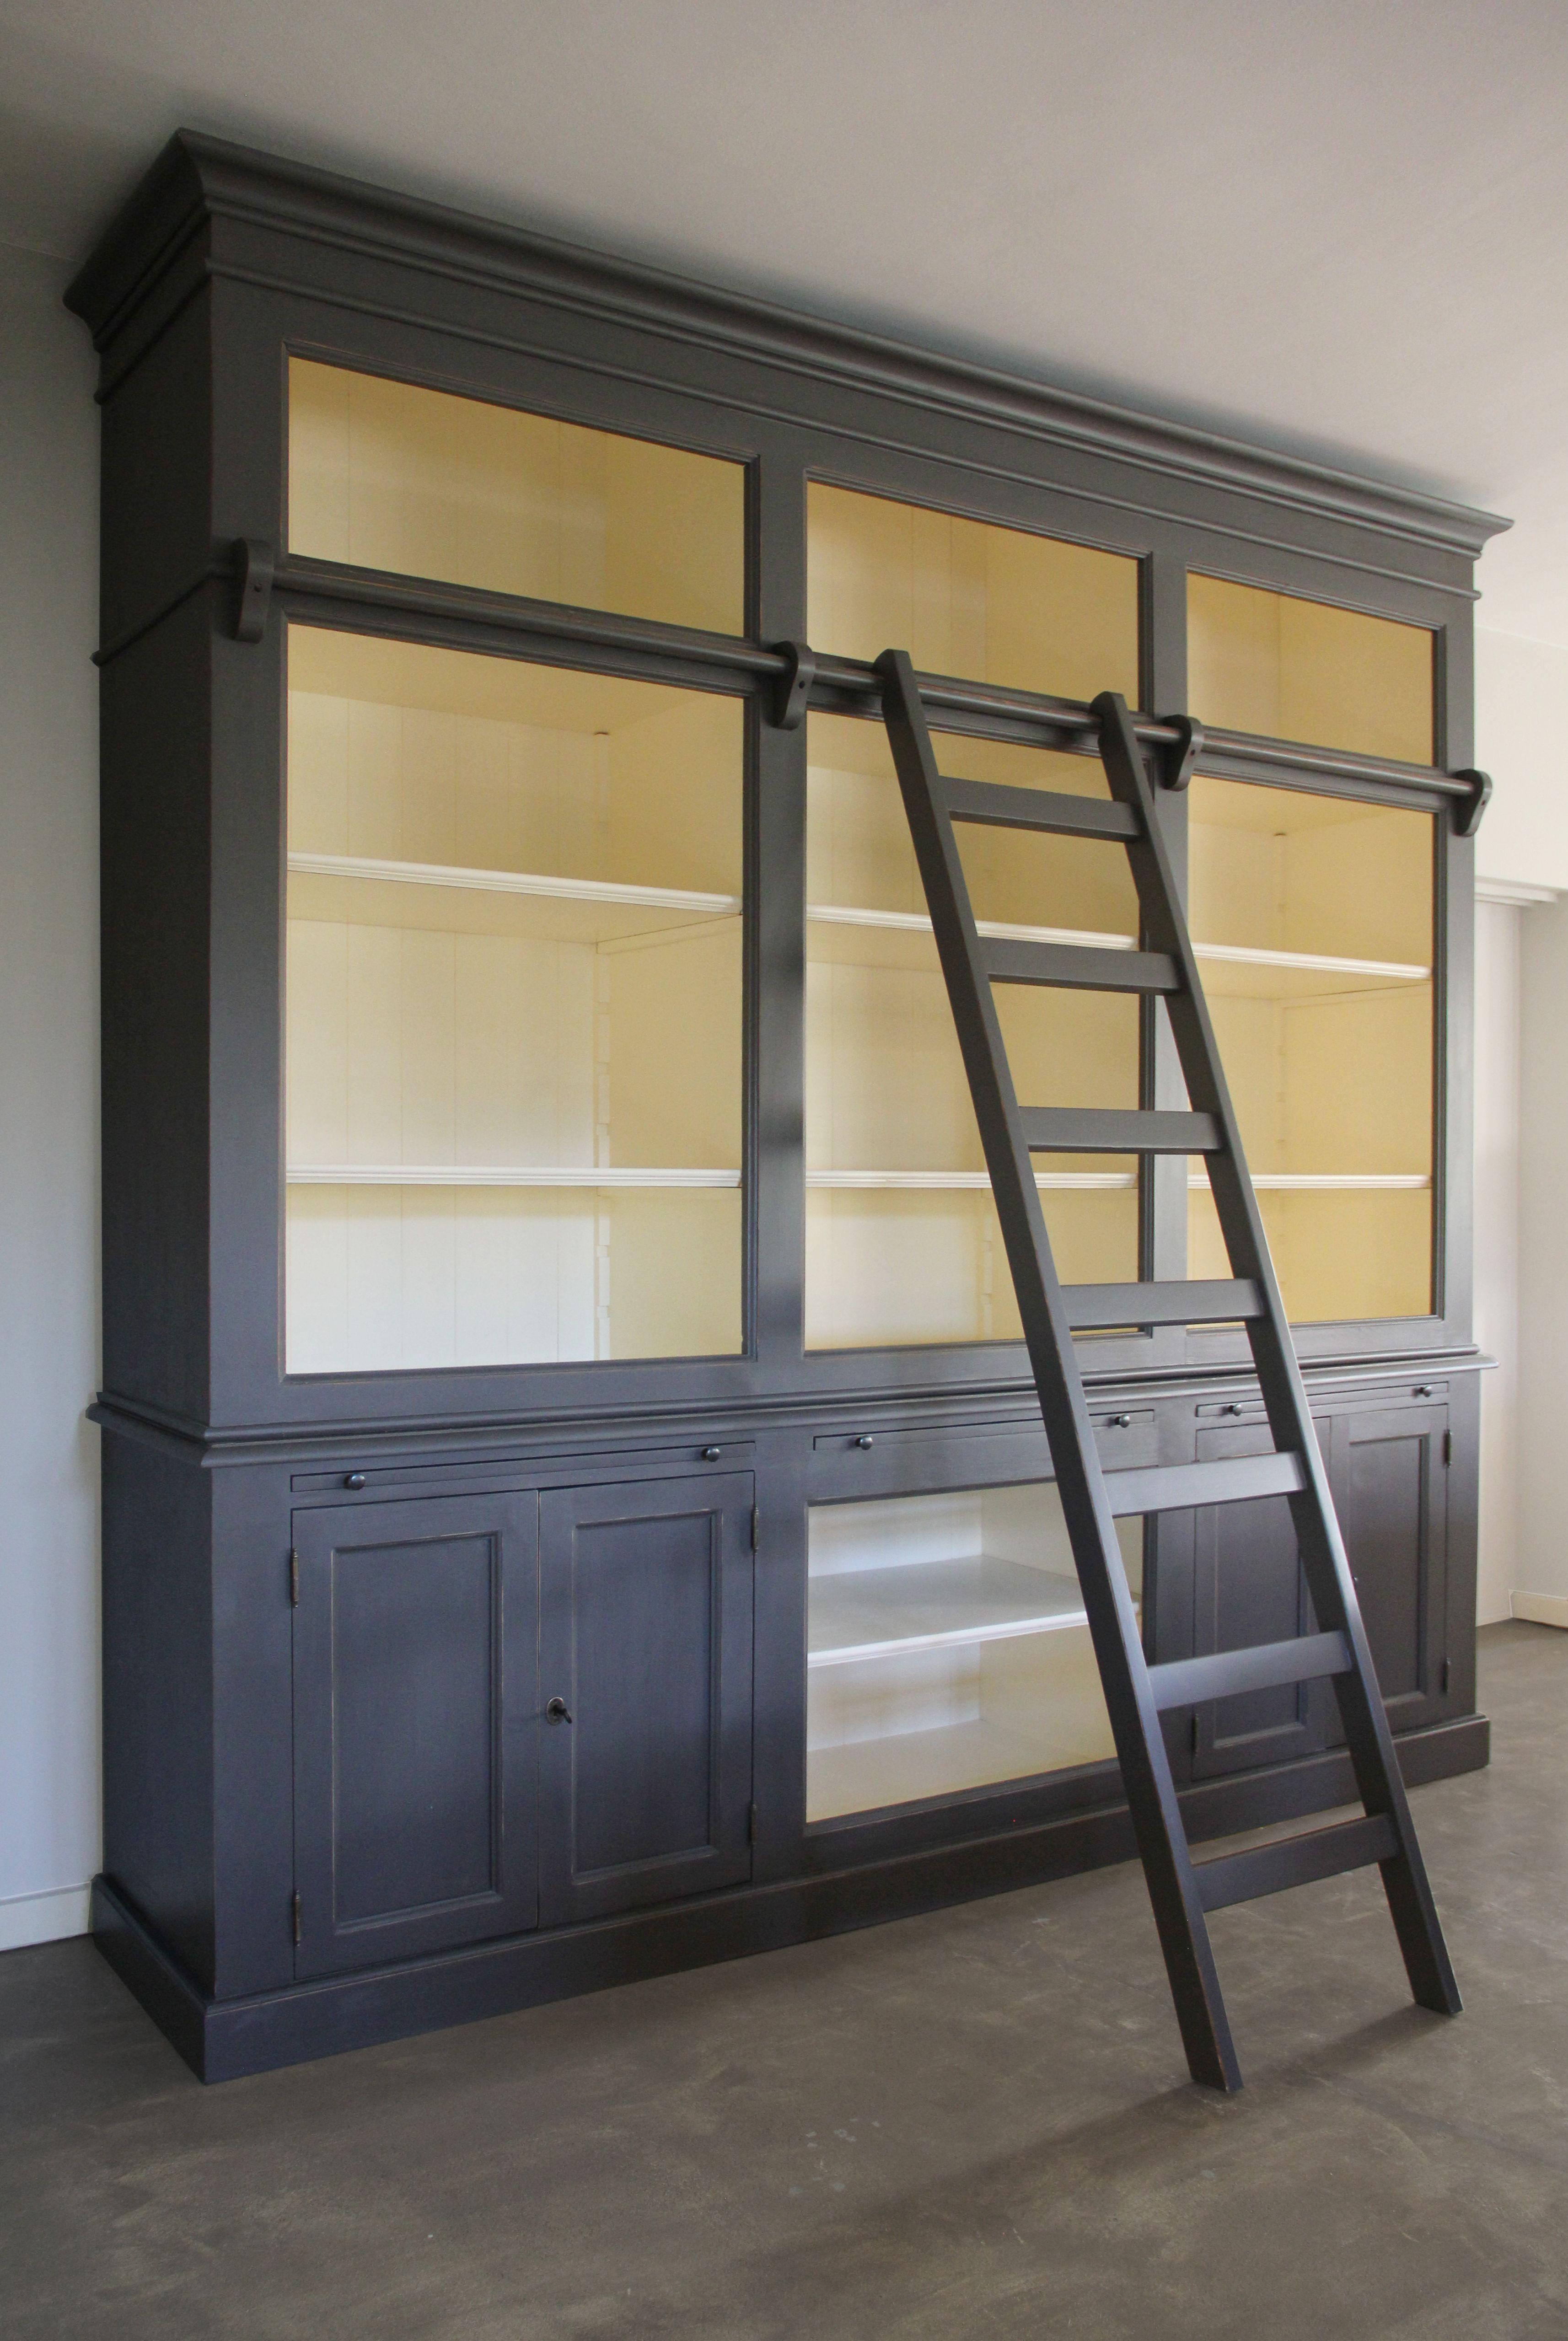 Ongekend Bibliotheekkast met Ladder - Inndoors Meubelen en Interieur (met FT-71